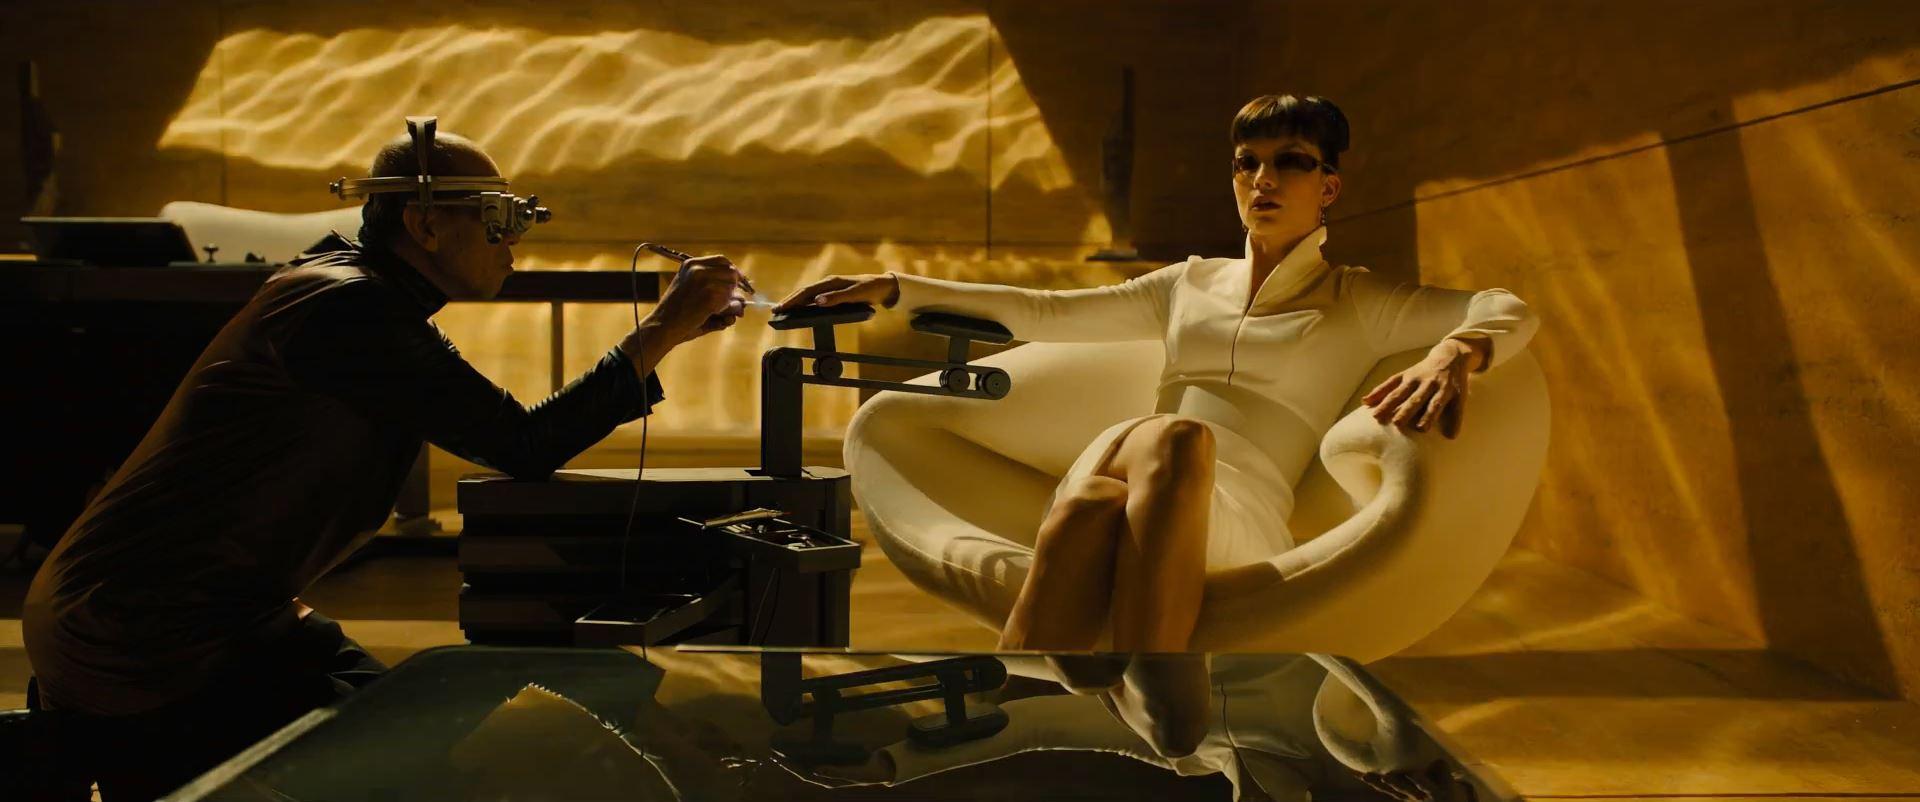 Sylvia Hoeks as Luv Blade Runner 2049